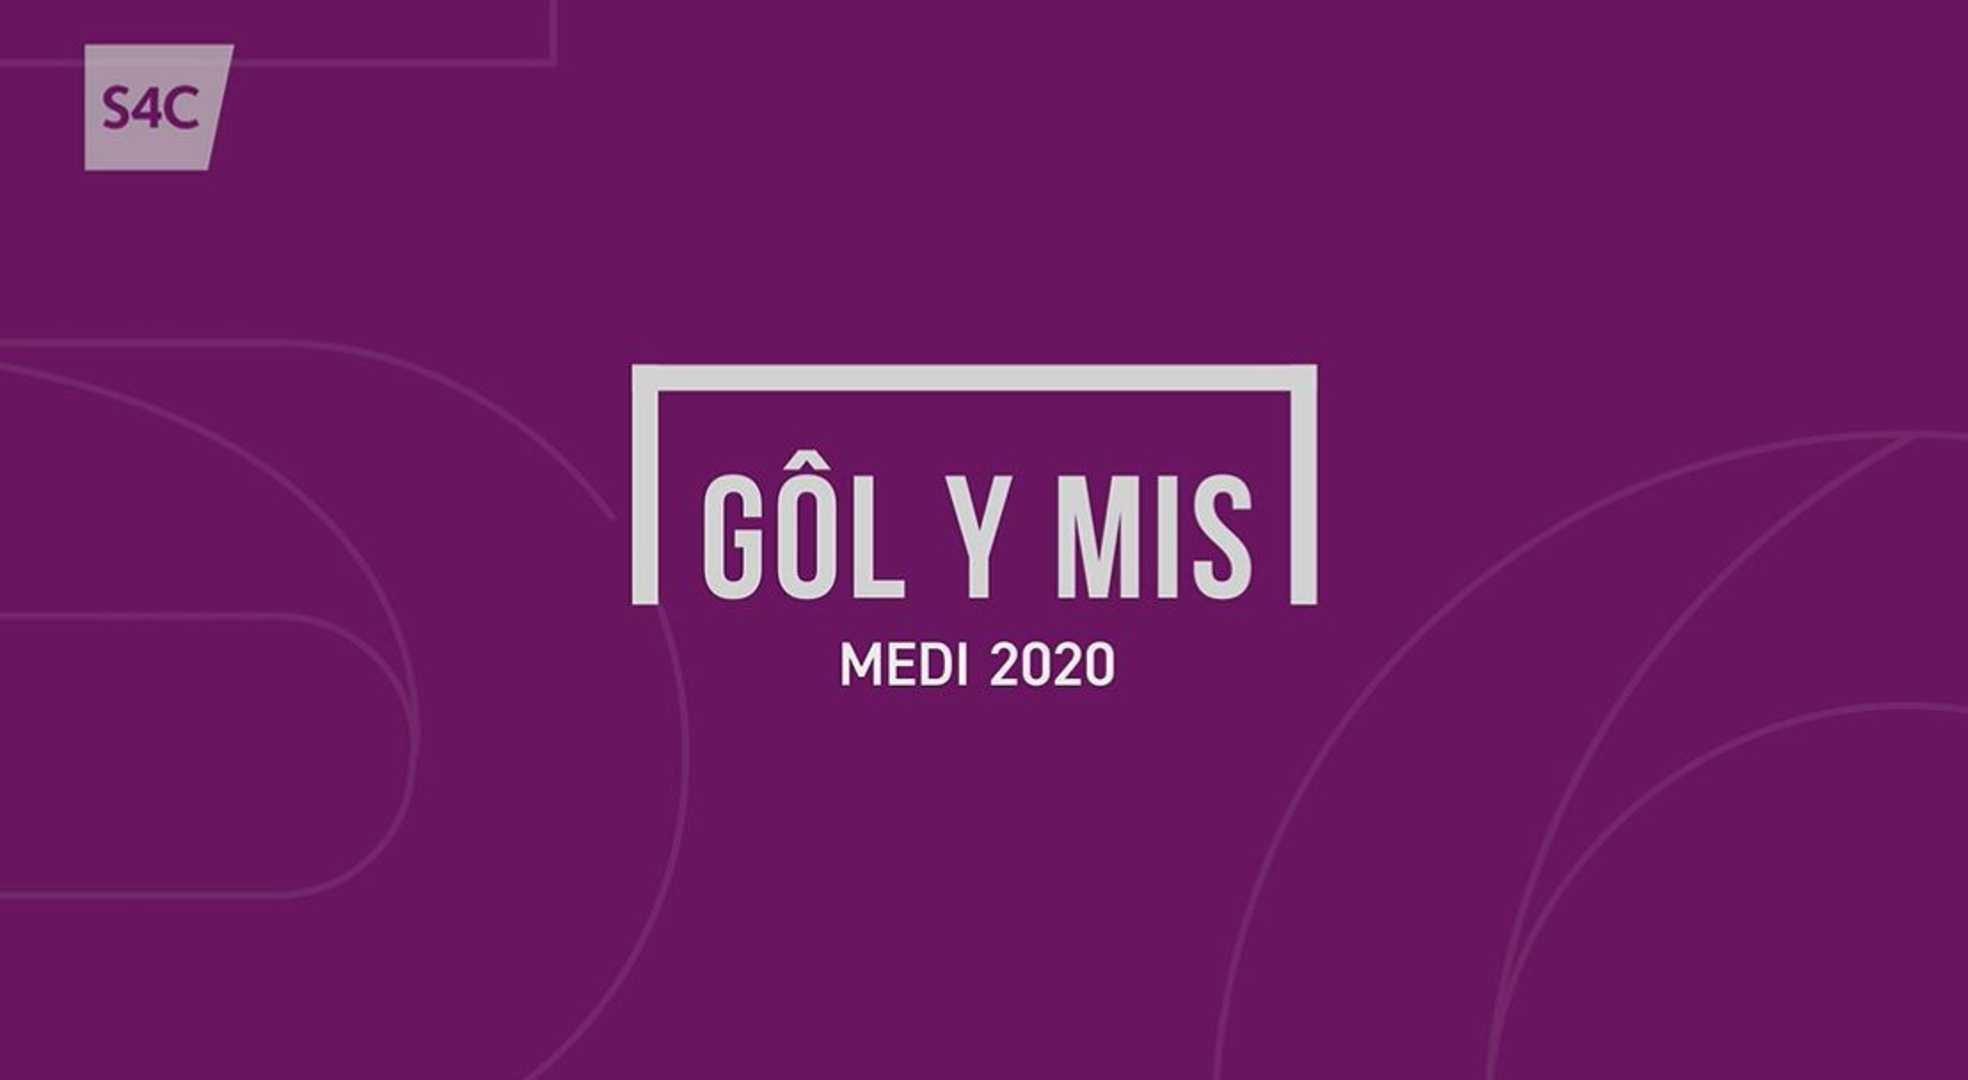 Gôl y Mis Medi 2020